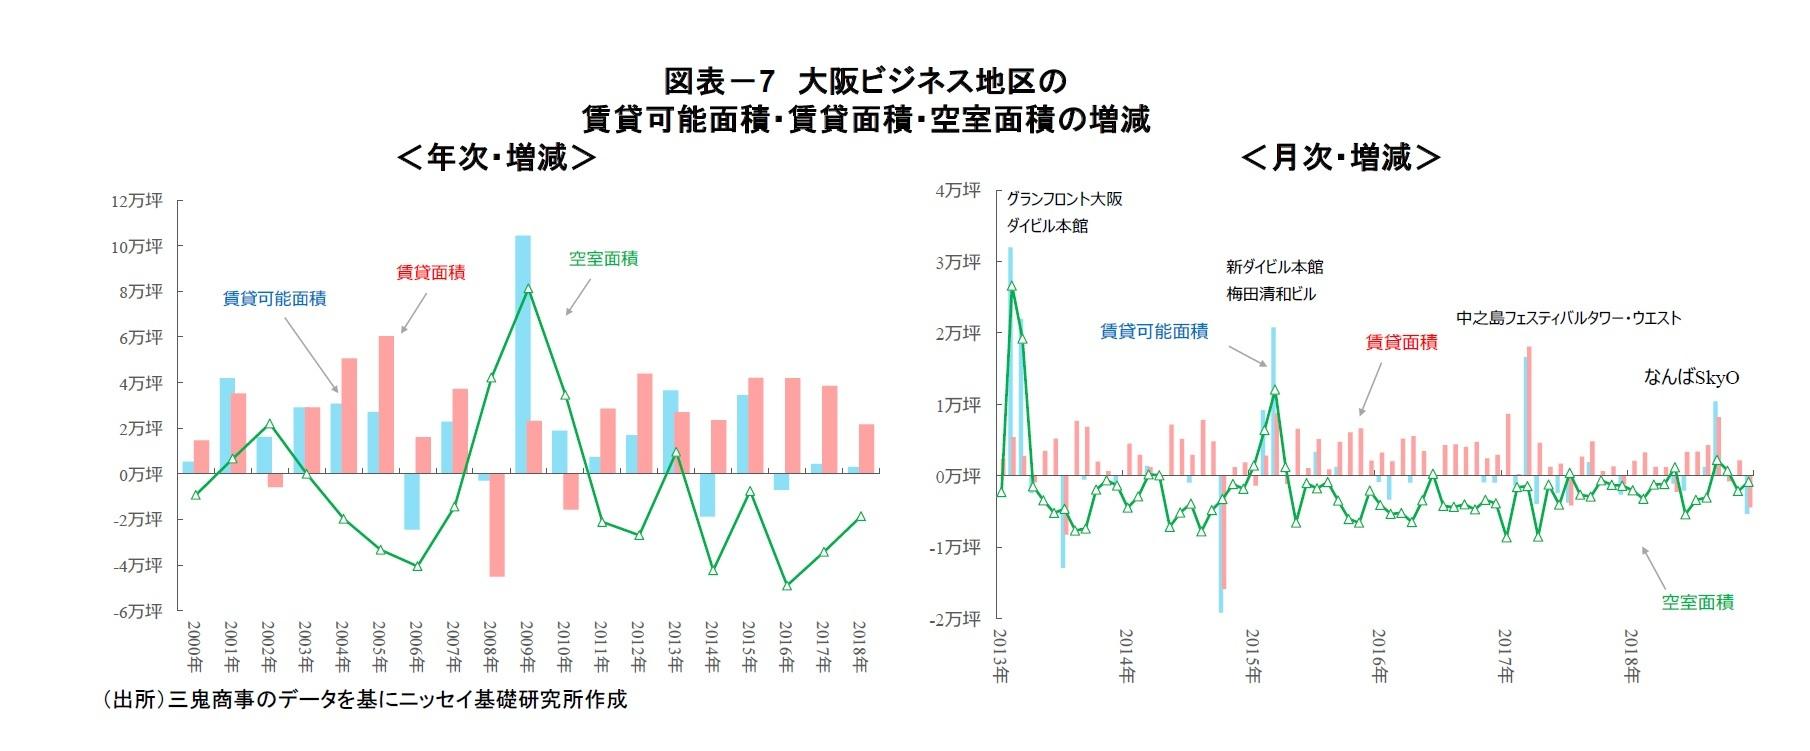 図表-7 大阪ビジネス地区の賃貸可能面積・賃貸面積・空室面積の増減